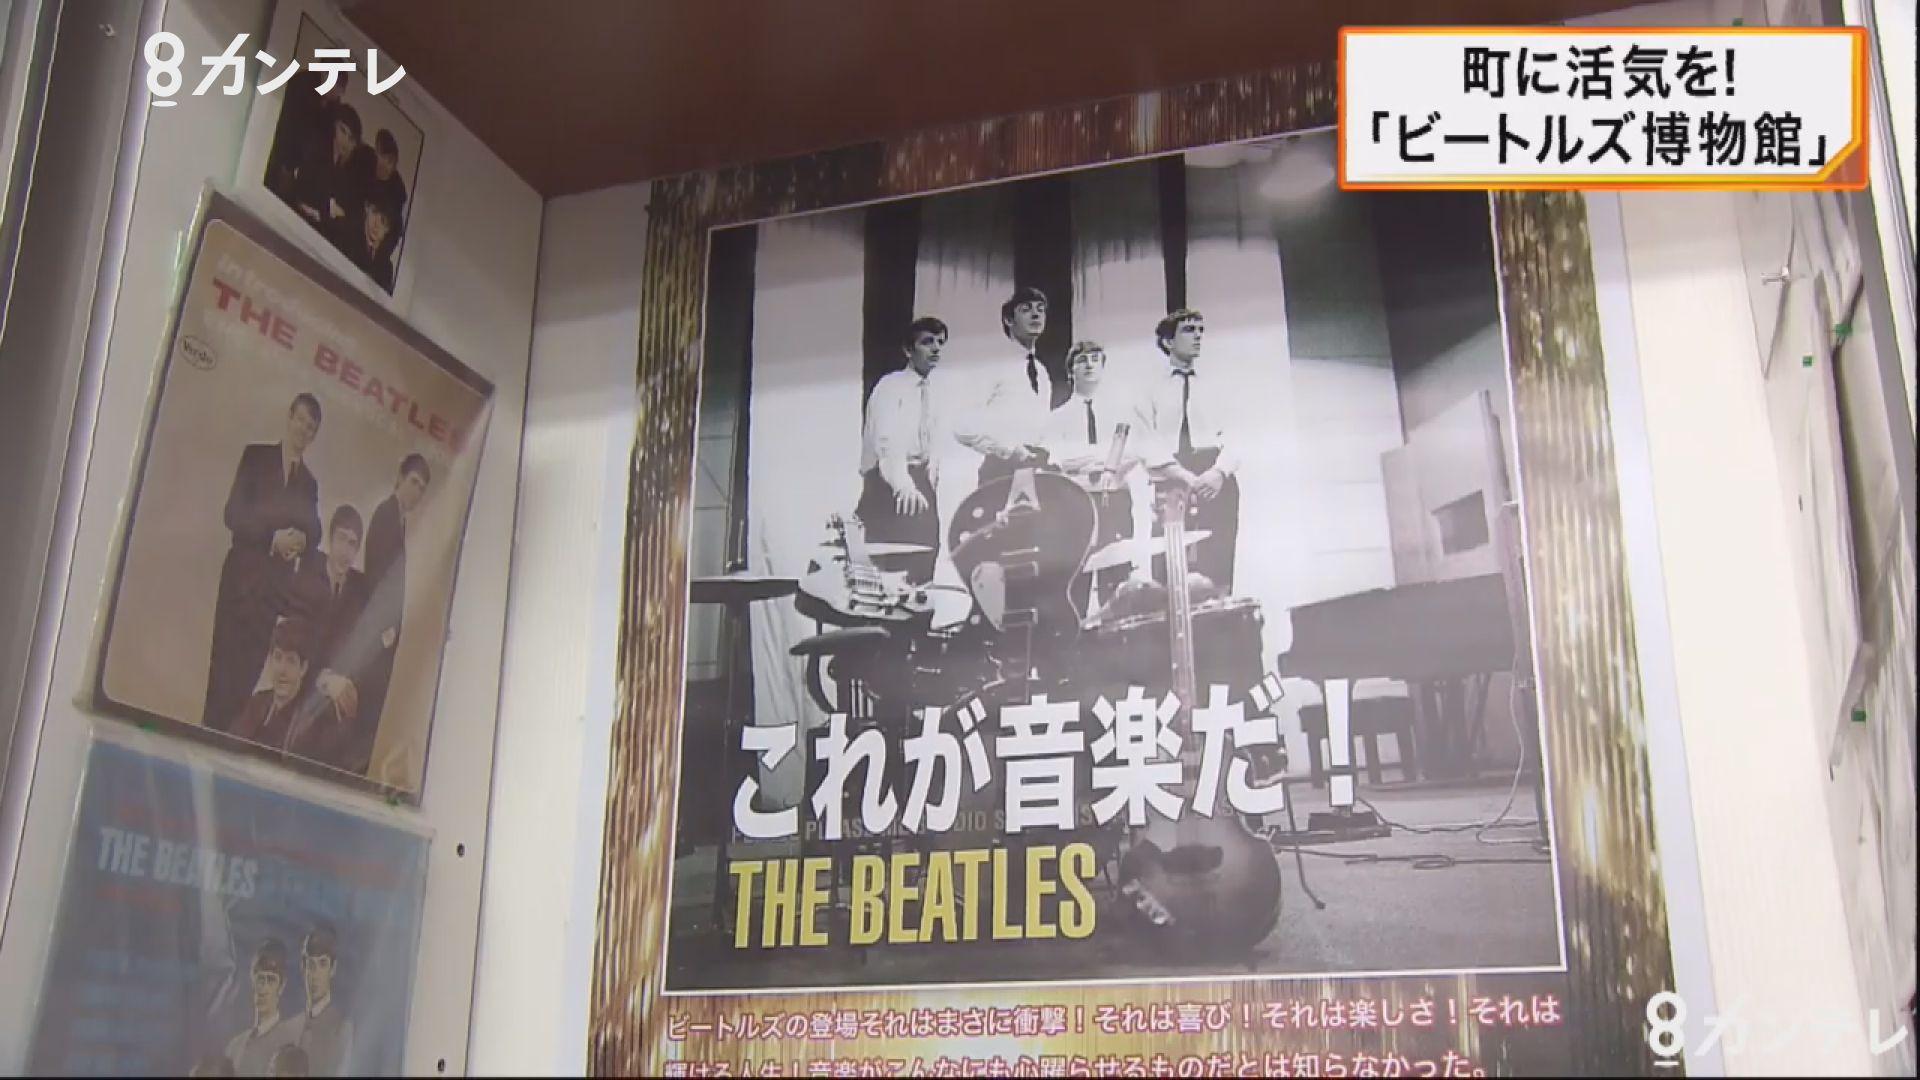 日本で唯一?住宅街にあるビートルズ博物館が隠れた人気スポットに